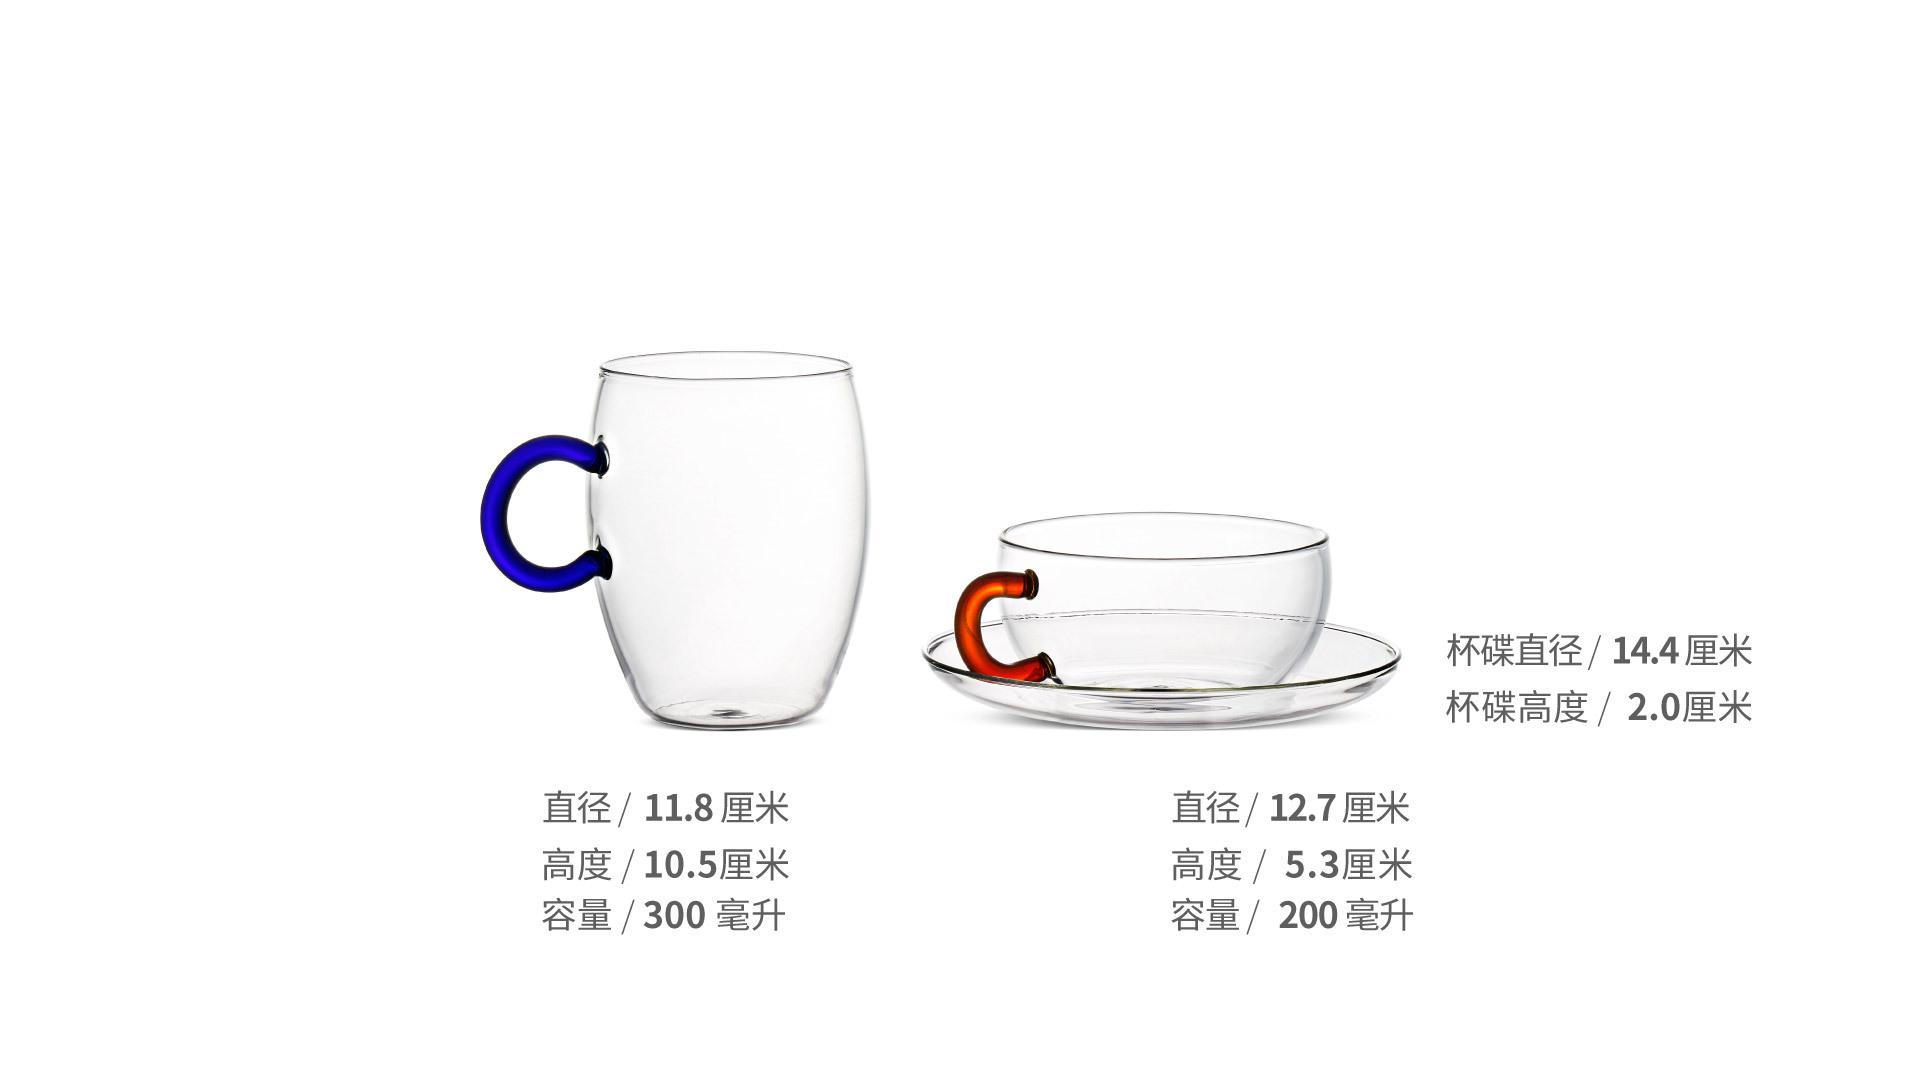 心情高硼硅指环杯餐具效果图